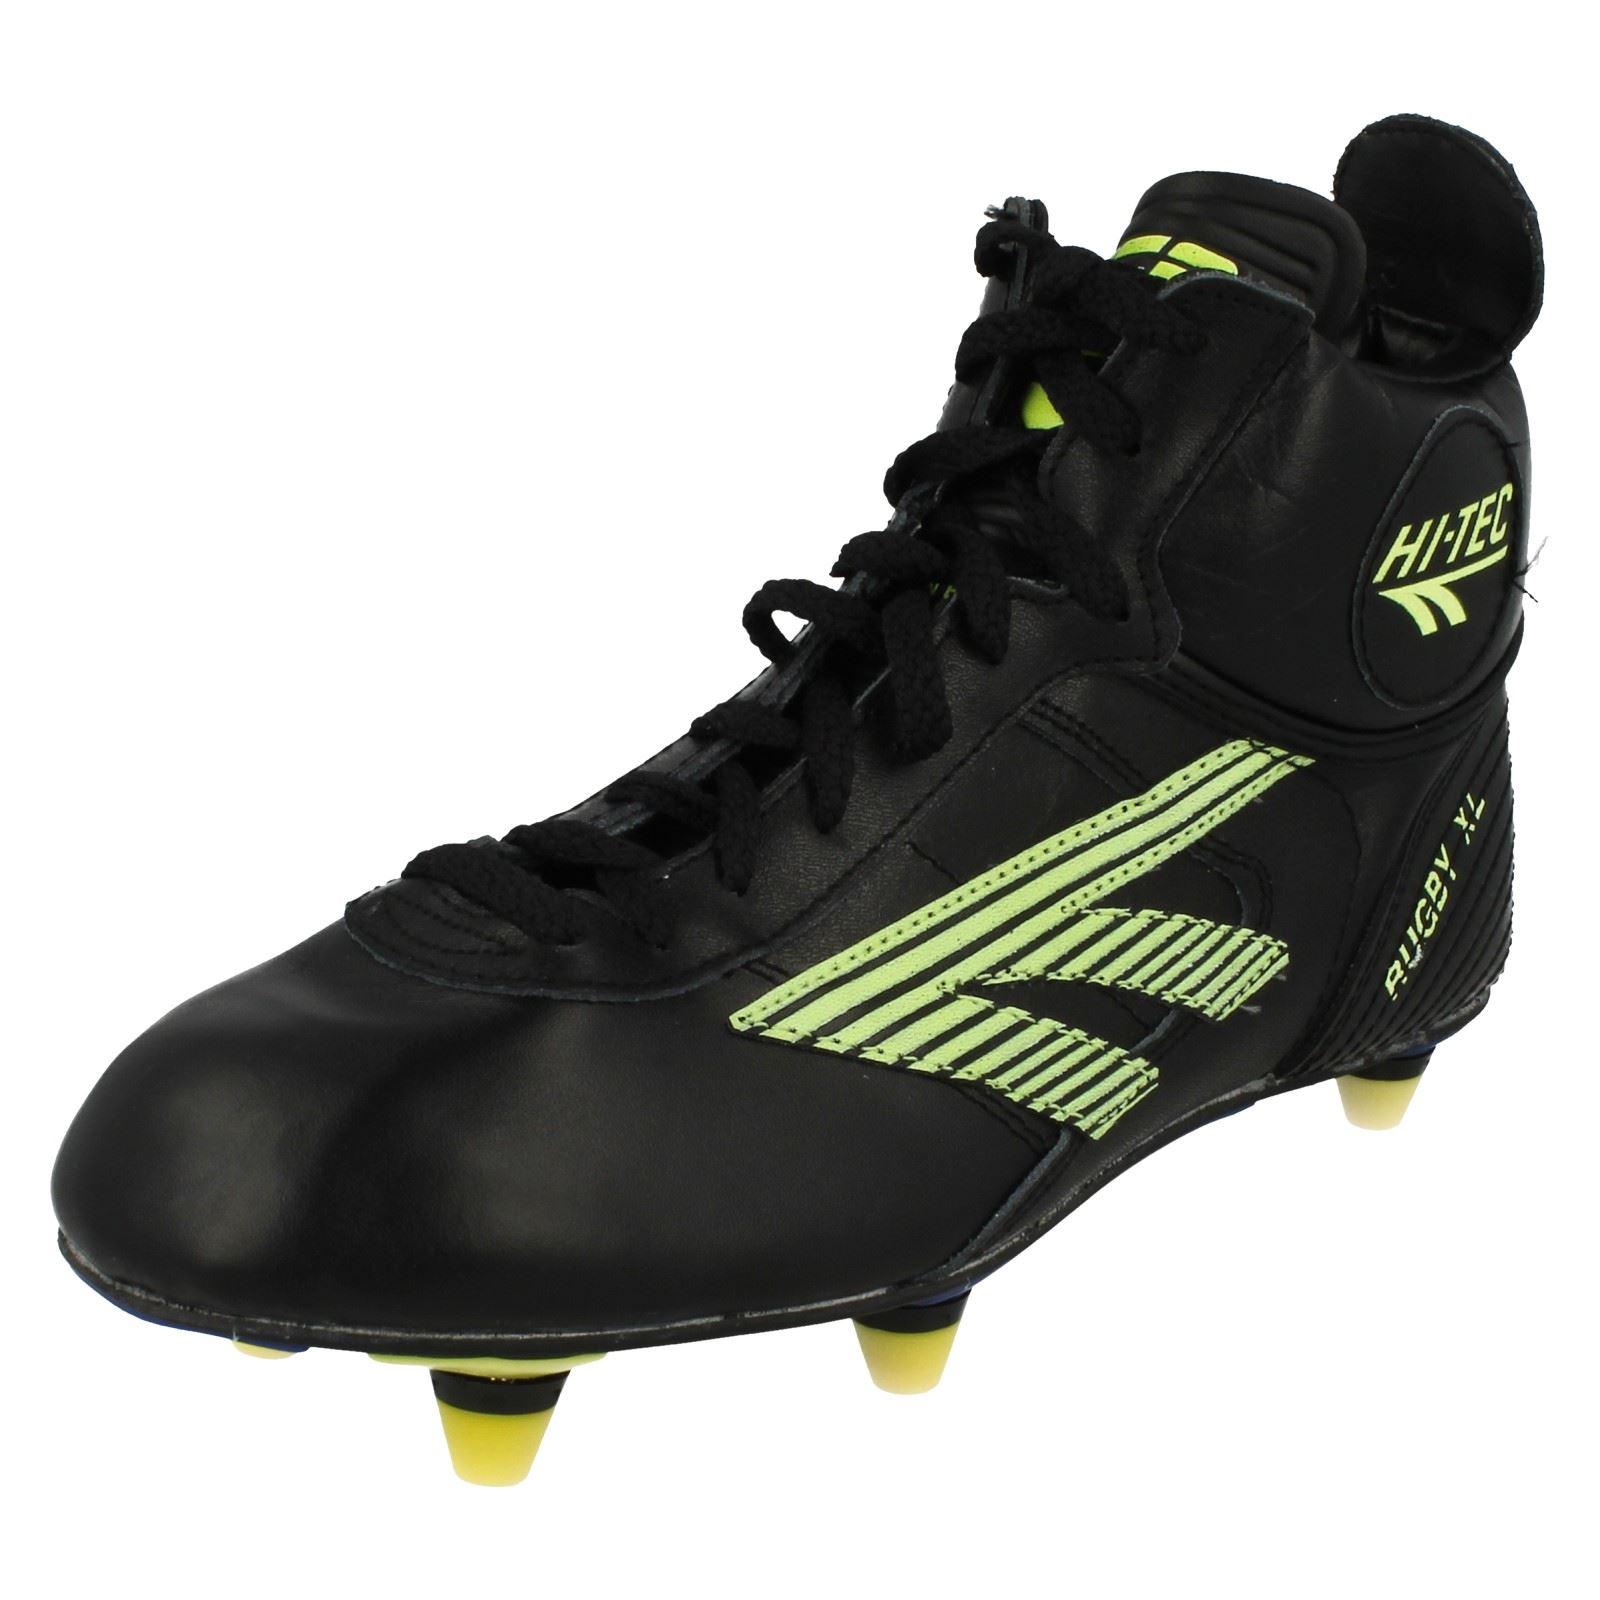 0c2b3e9b0033 Hi-Tec Mens Rugby Boots - Rugby XL